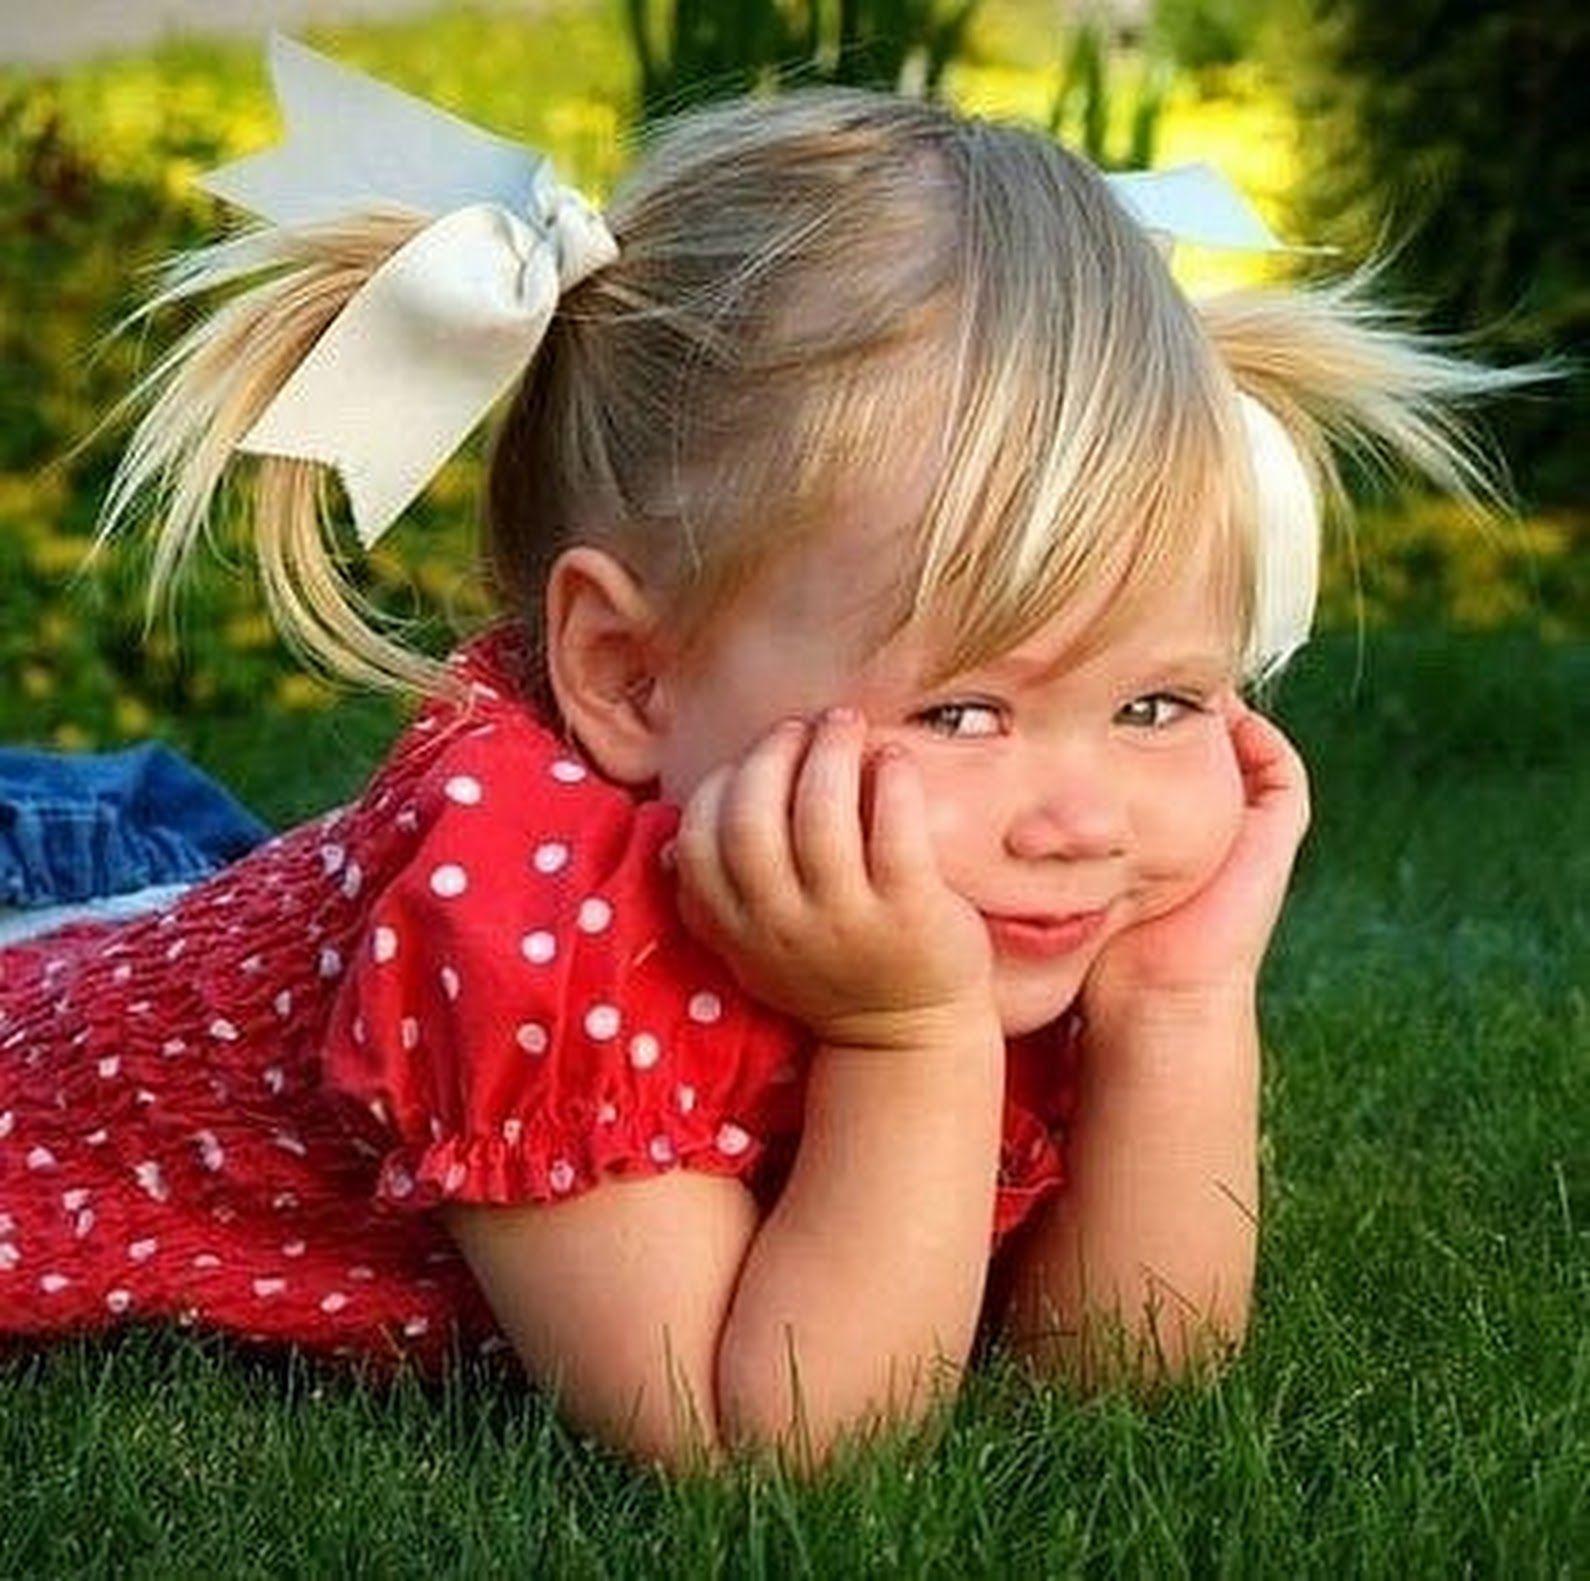 Доброе утро позитив картинки с детьми